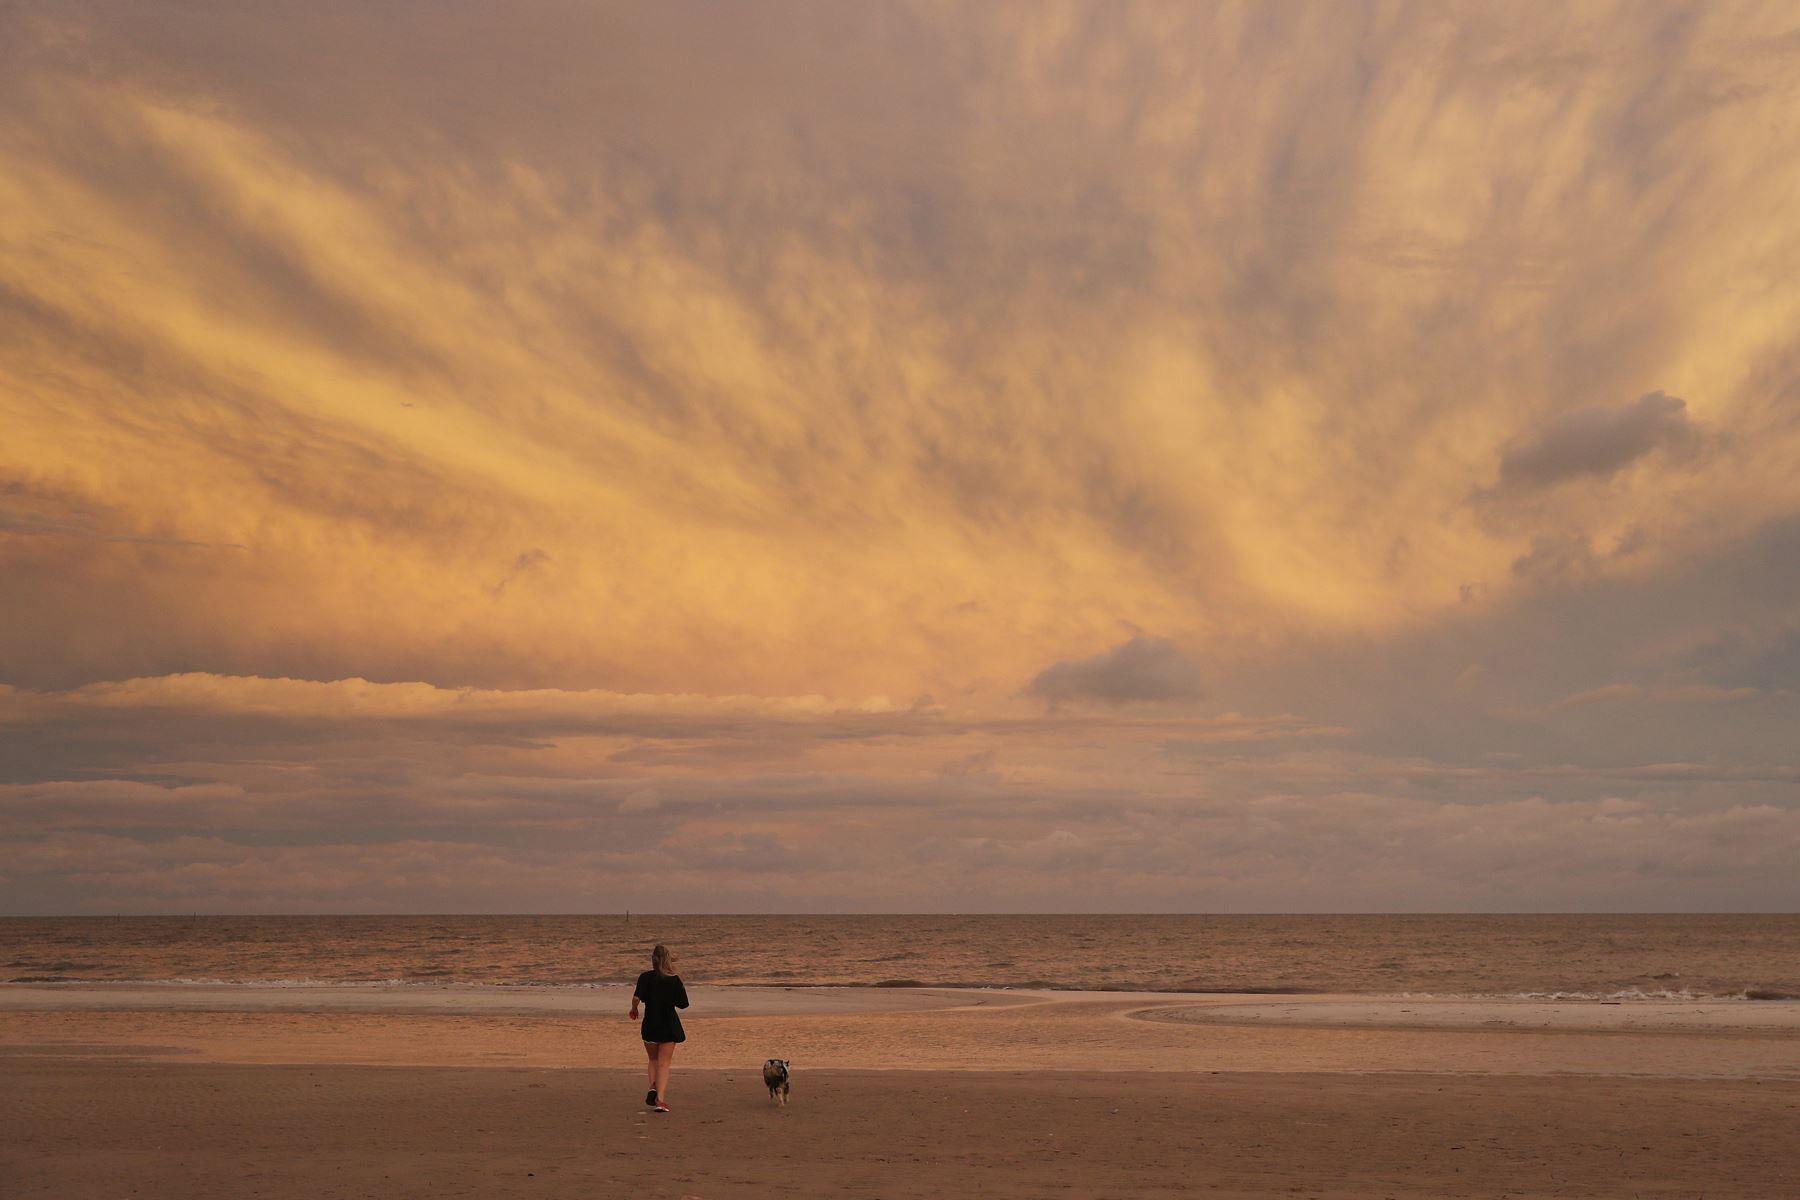 Una joven disfruta de la playa junto a su perro, antes de la llegada del huracán Sally, en Mississippi. Foto: AFP